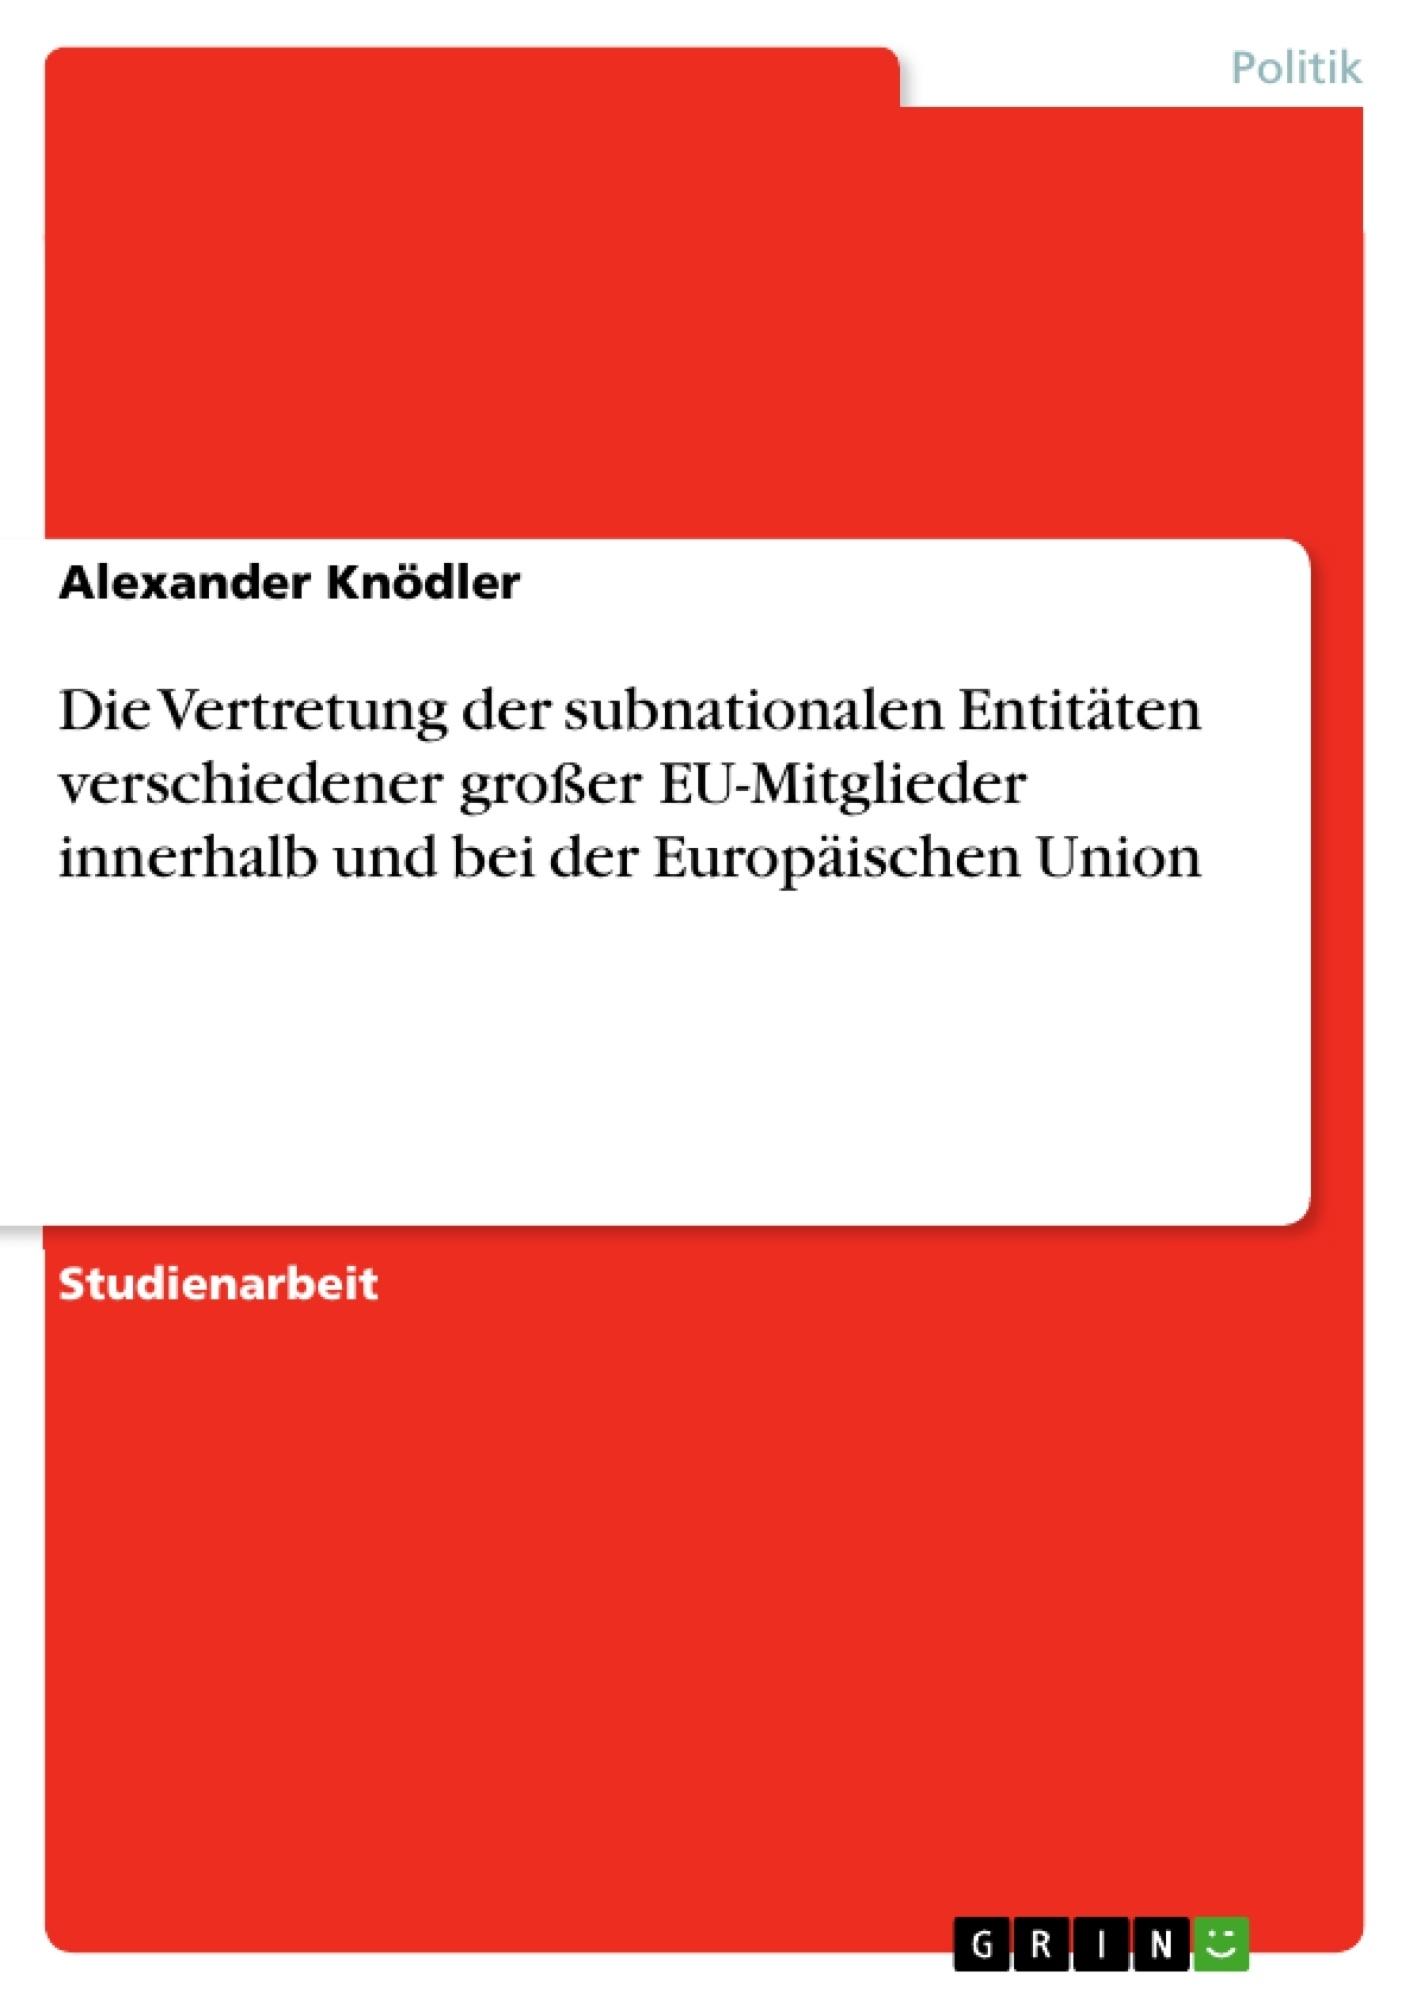 Titel: Die Vertretung der subnationalen Entitäten verschiedener großer EU-Mitglieder innerhalb und bei der Europäischen Union